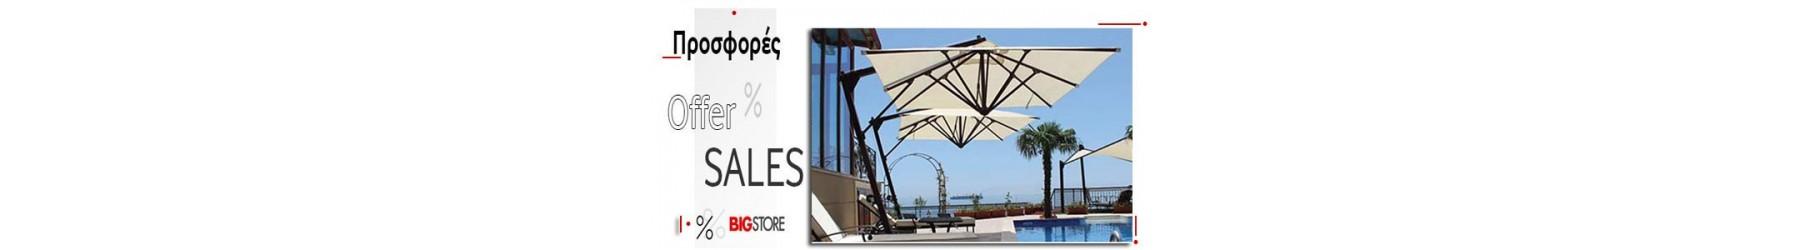 Ομπρέλες για τον κήπο, τη πισίνα και τη παραλία  σε Προσφορά